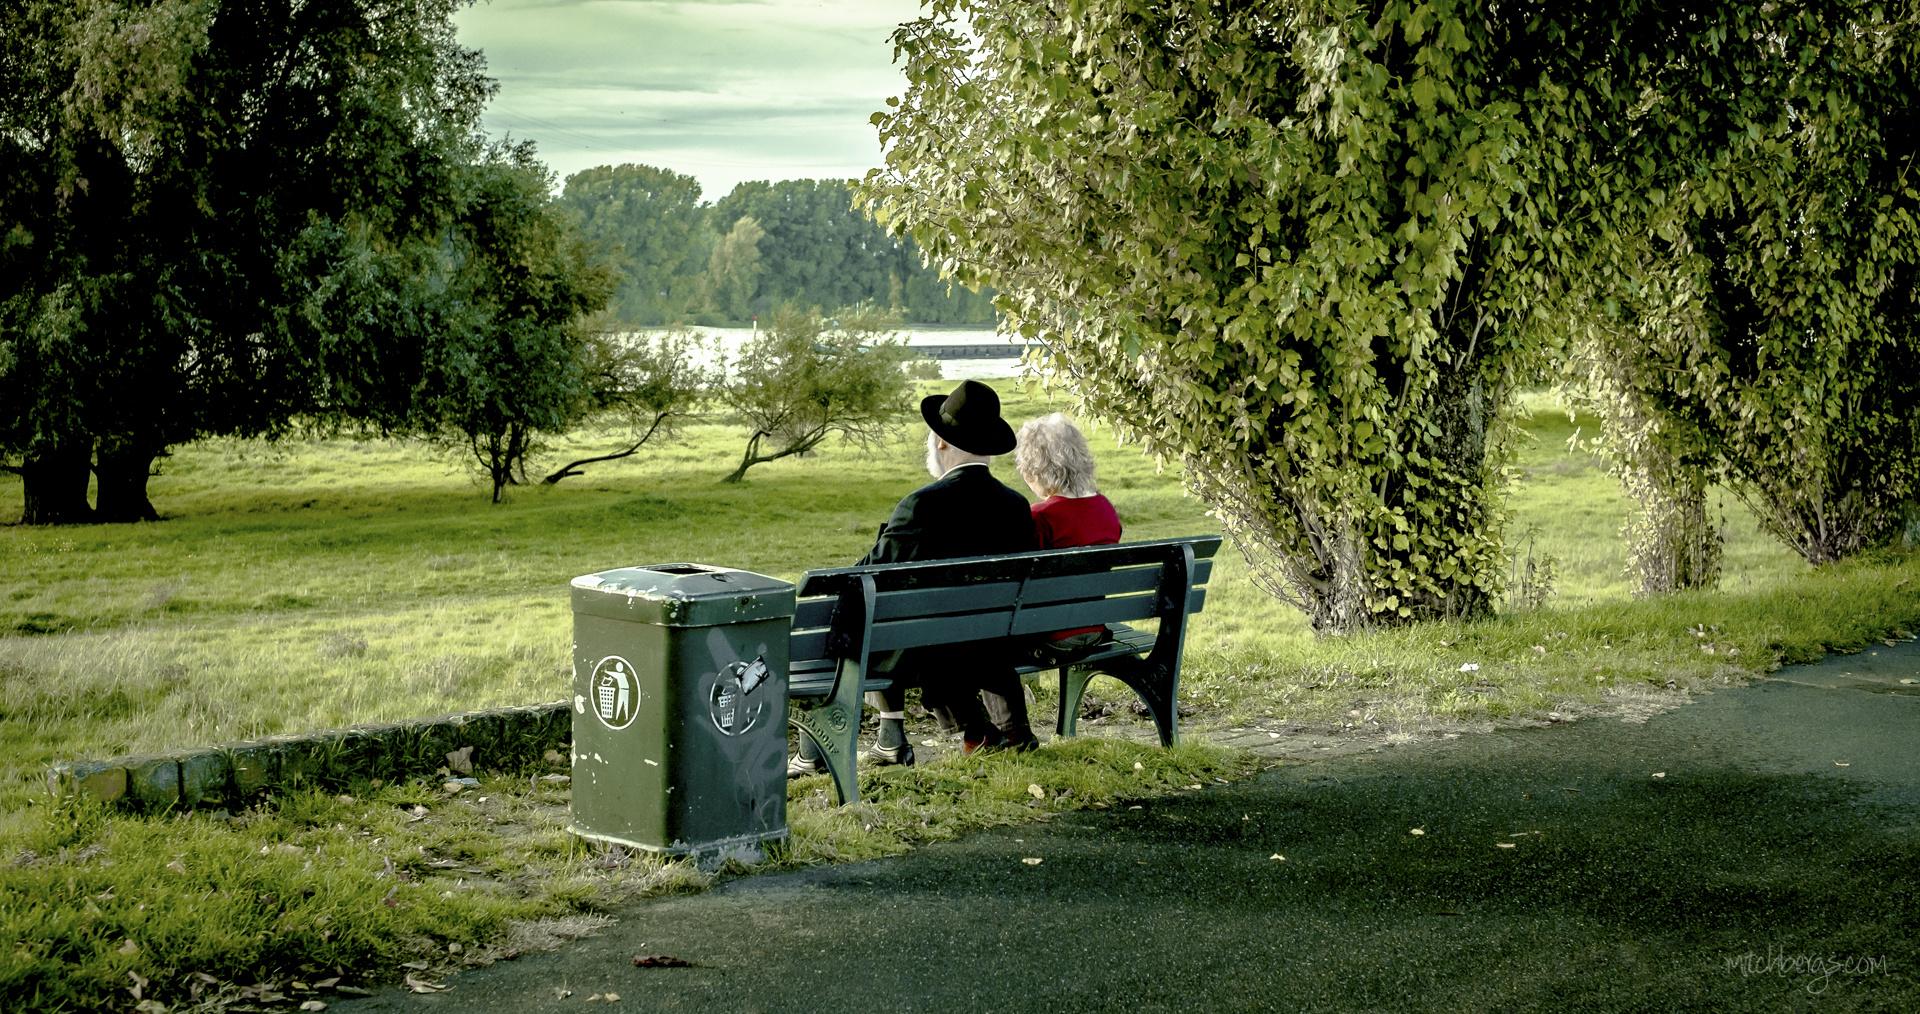 Herbstliebe | Autumn Love